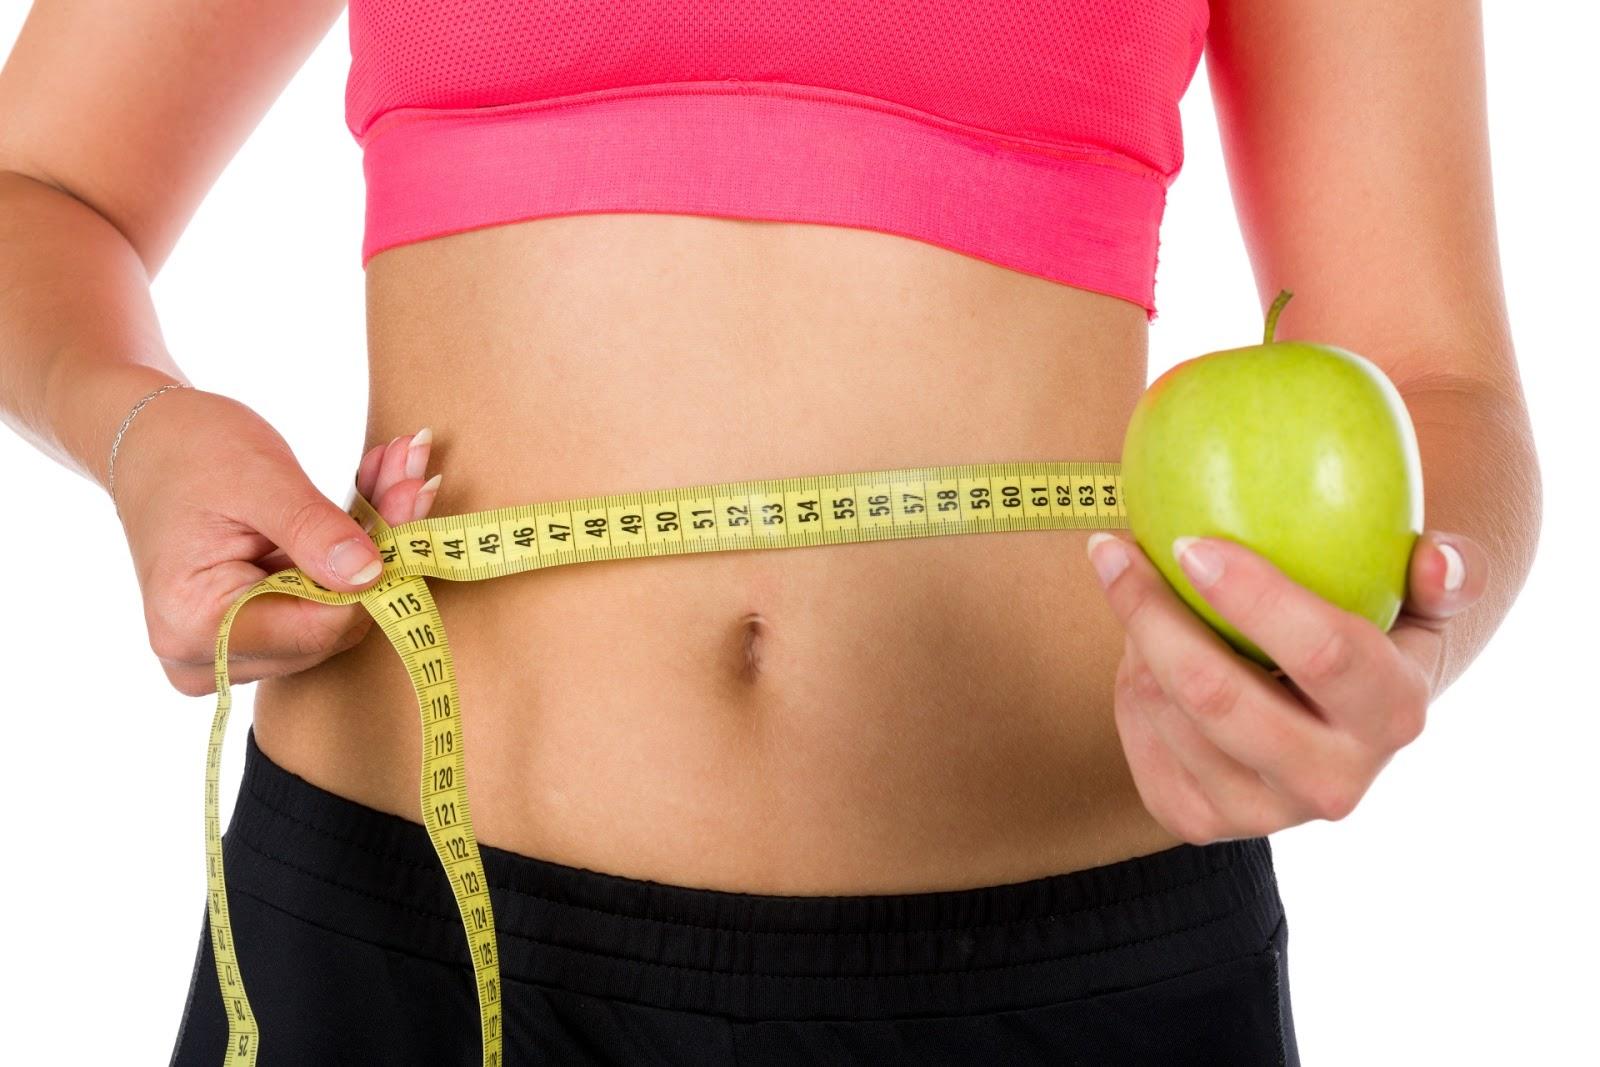 Проблема Похудения Живота. Диета для похудения живота: стройность в особой плоскости!